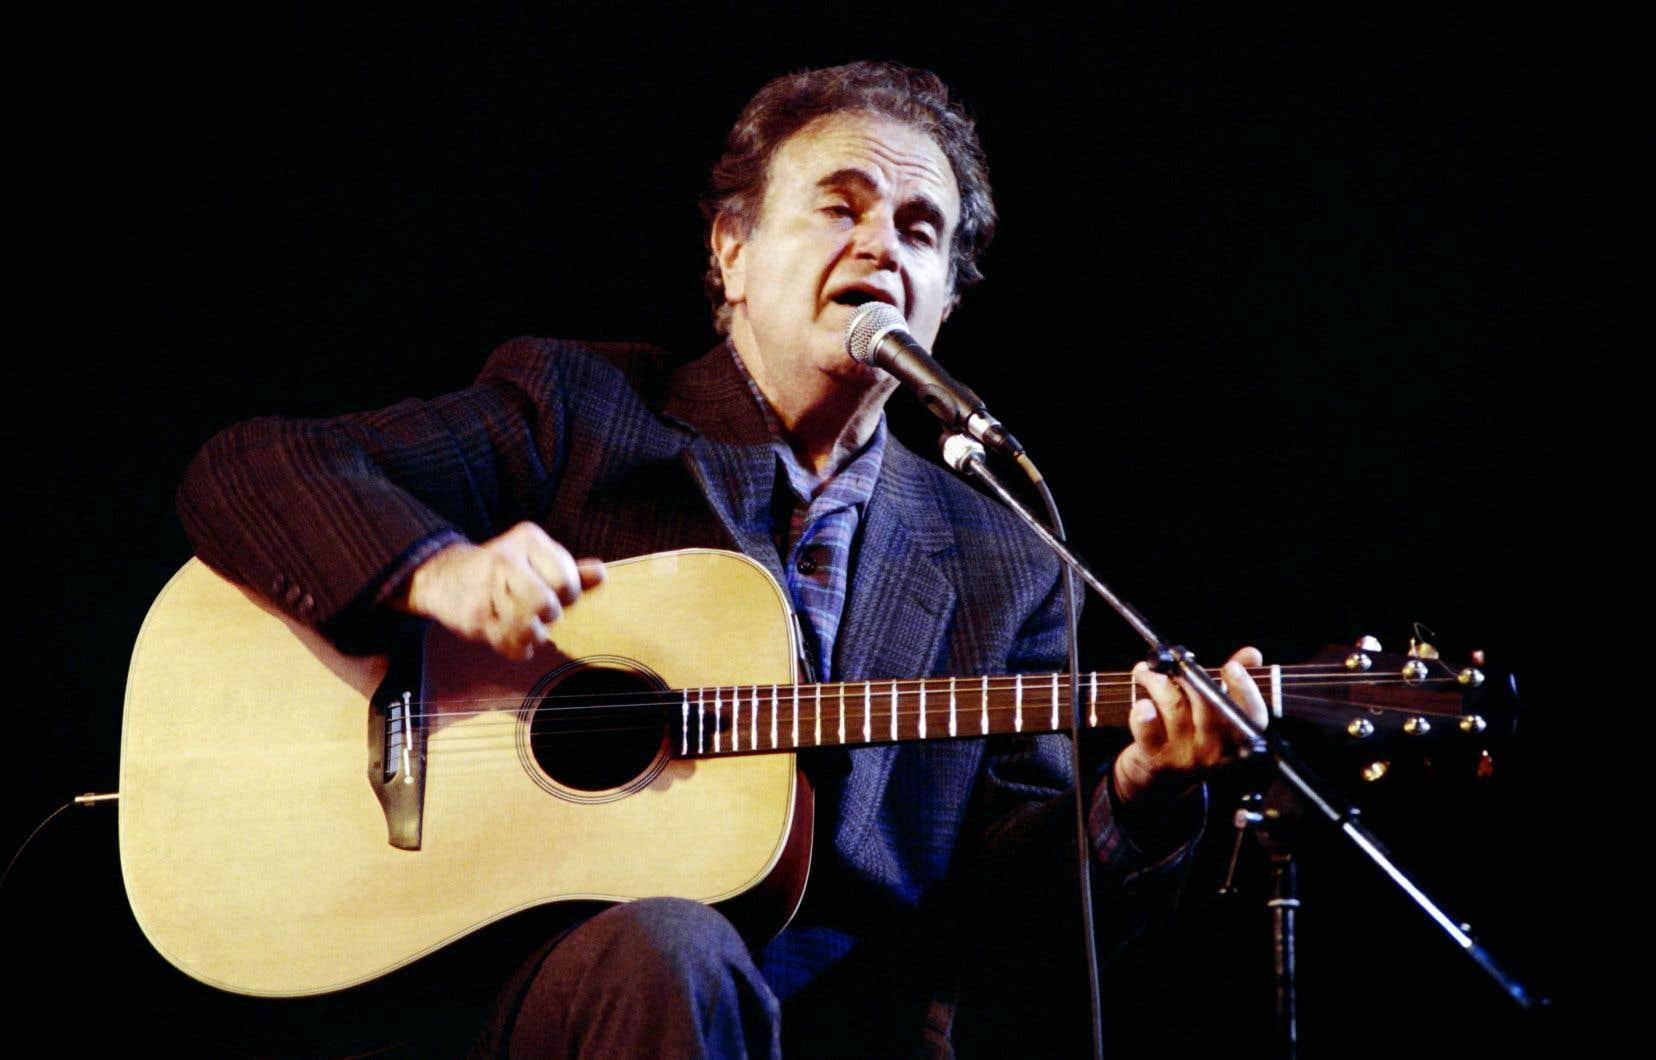 Le chansonnier français Guy Béart lors d'un concert à l'Olympia de Paris, en décembre 1988